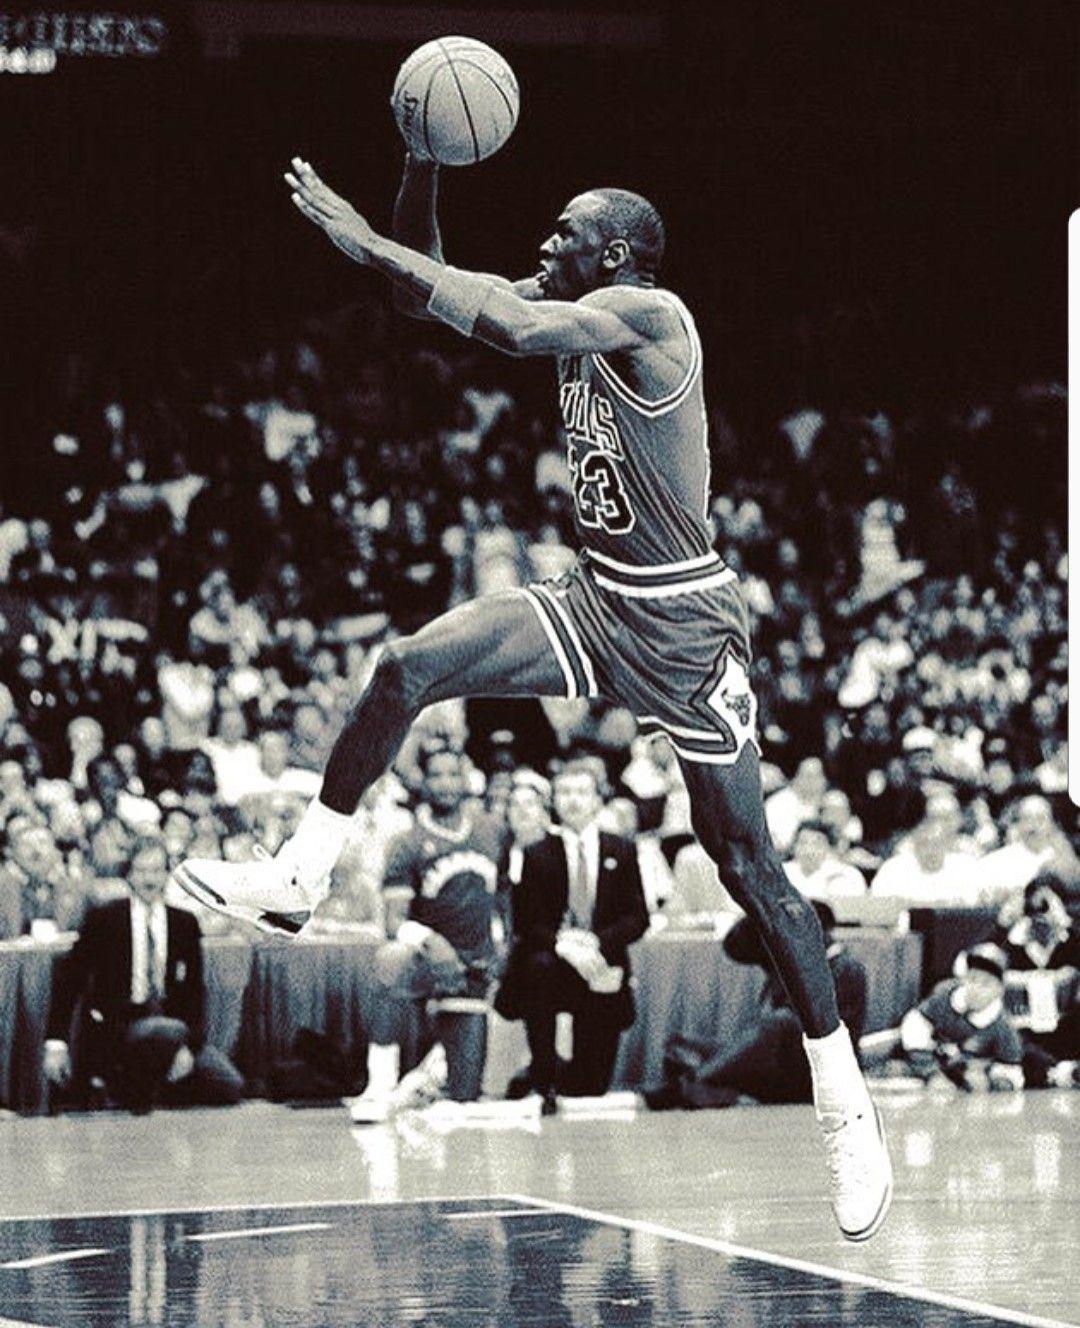 Pin By Howard Ahhon On Jordan Michael Jordan Basketball Michael Jordan Micheal Jordan